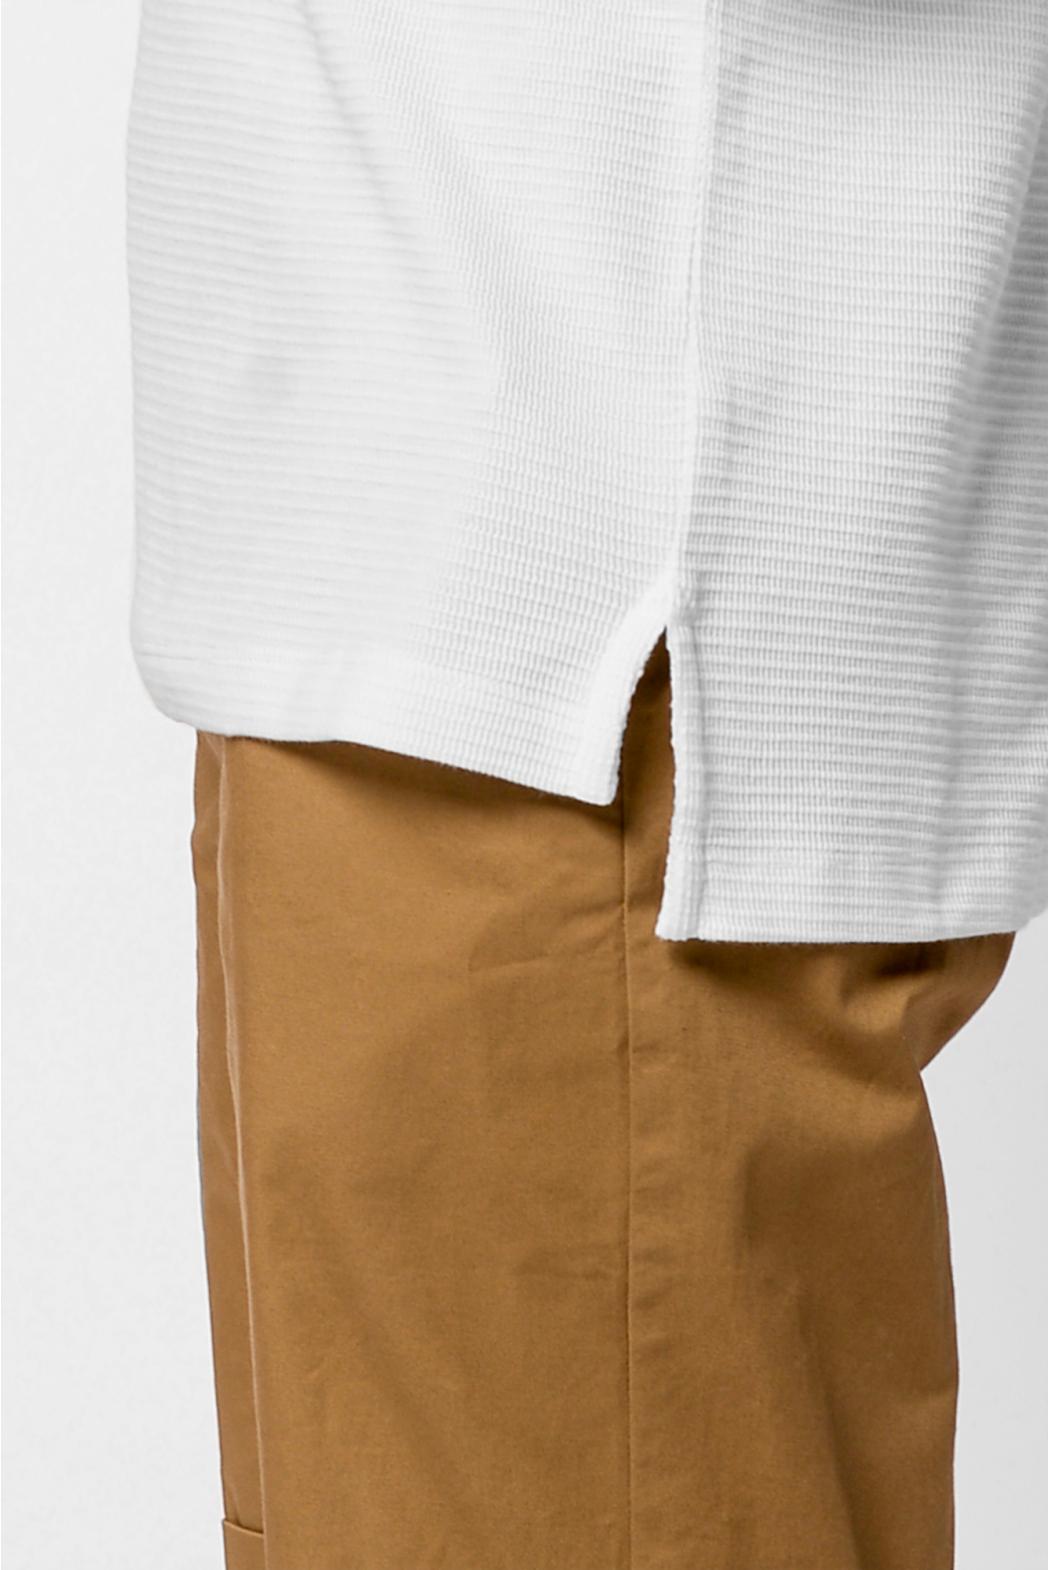 Áo thun tay ngắn, tà lệch. REGULAR form - 10F20TSH050